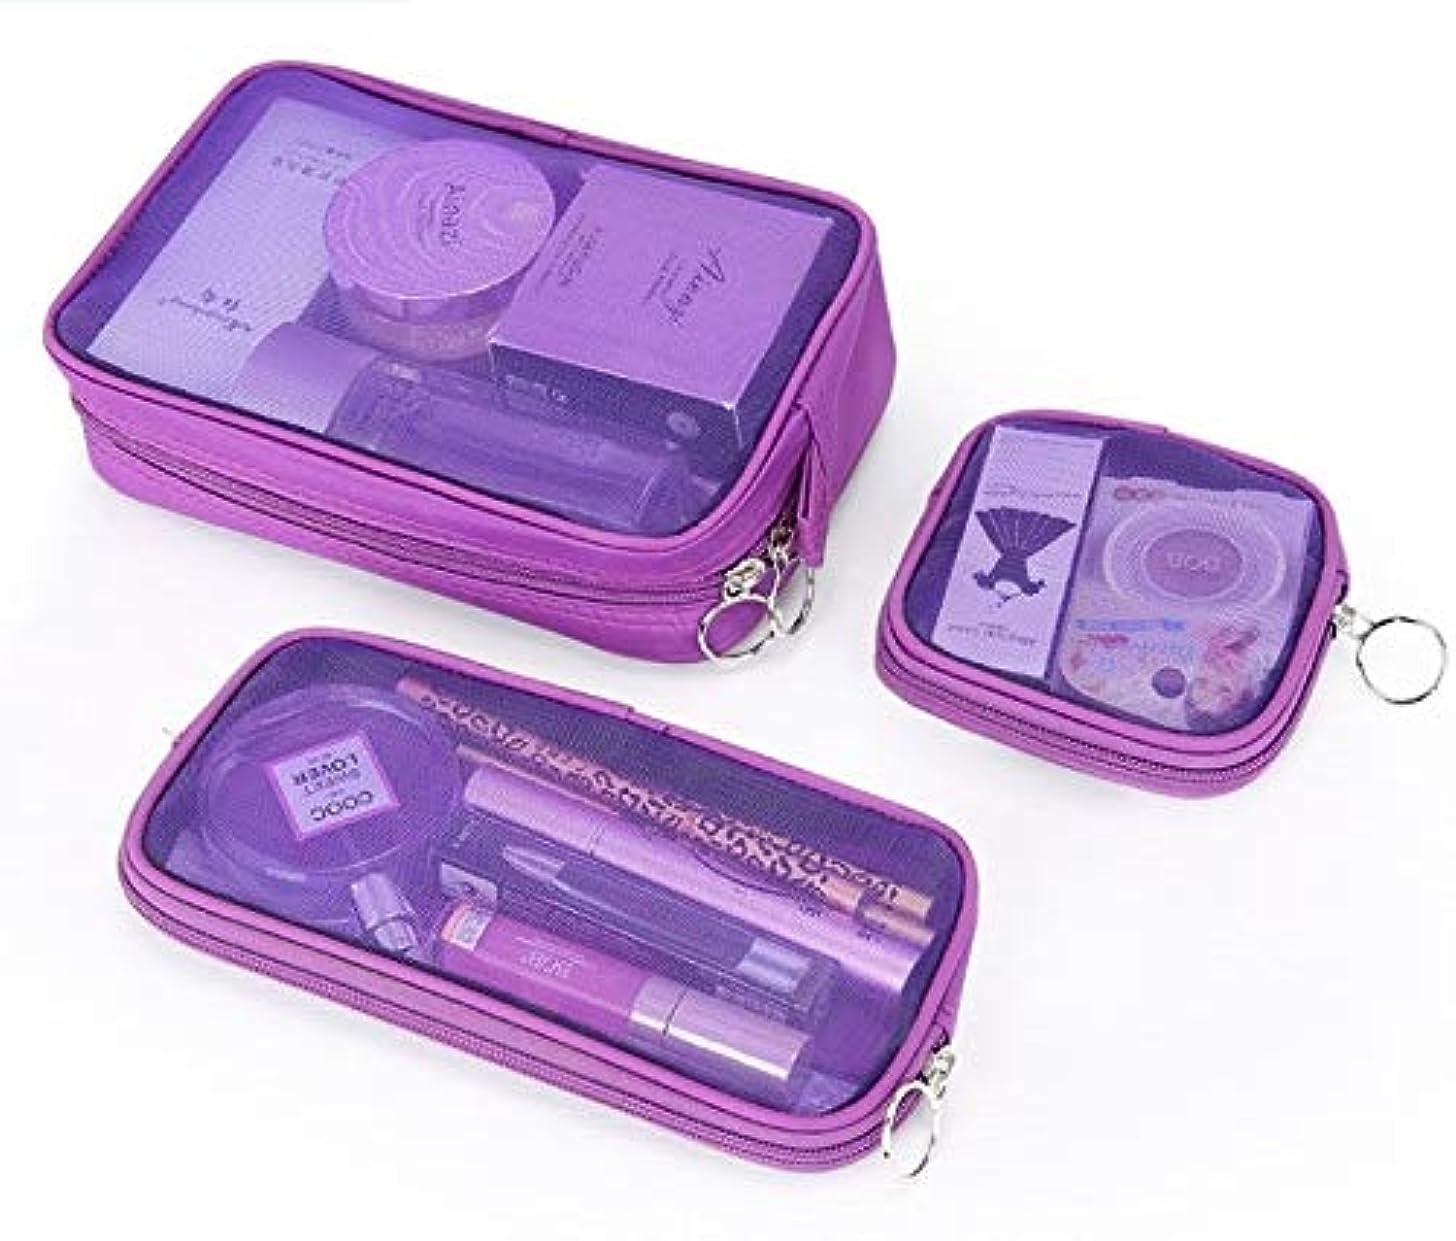 胃裏切る必需品化粧箱、3の透明メッシュ化粧品袋セット、ポータブル旅行化粧品袋収納袋、美容ネイルジュエリー収納ボックス (Color : Purple)